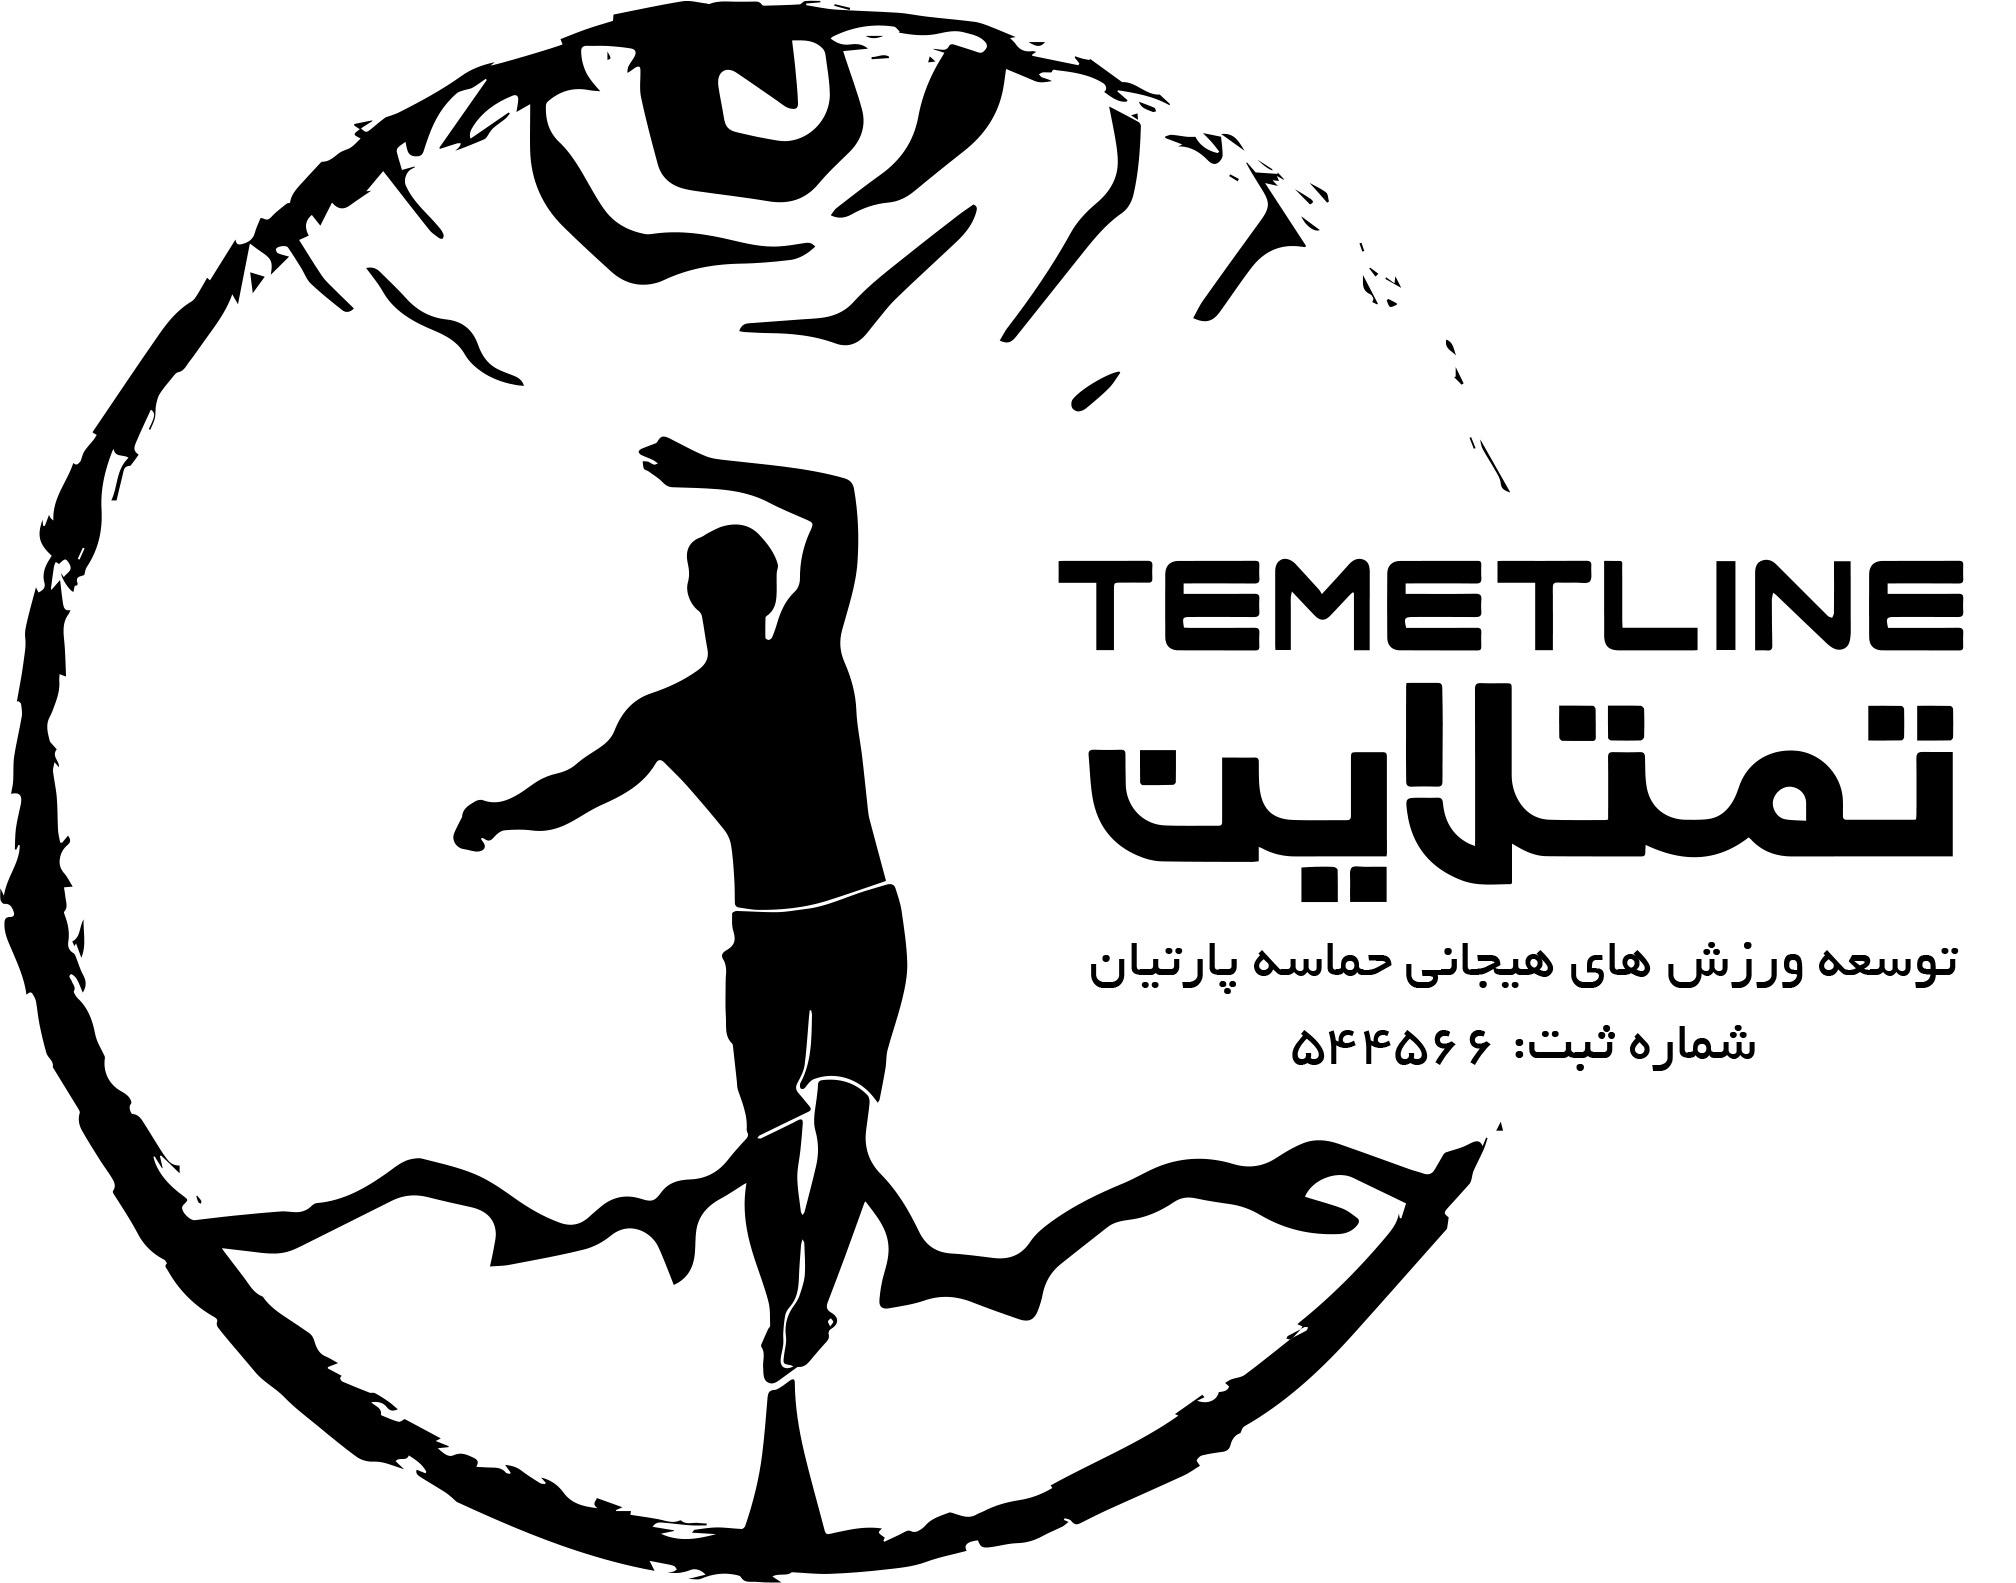 Temetline logo